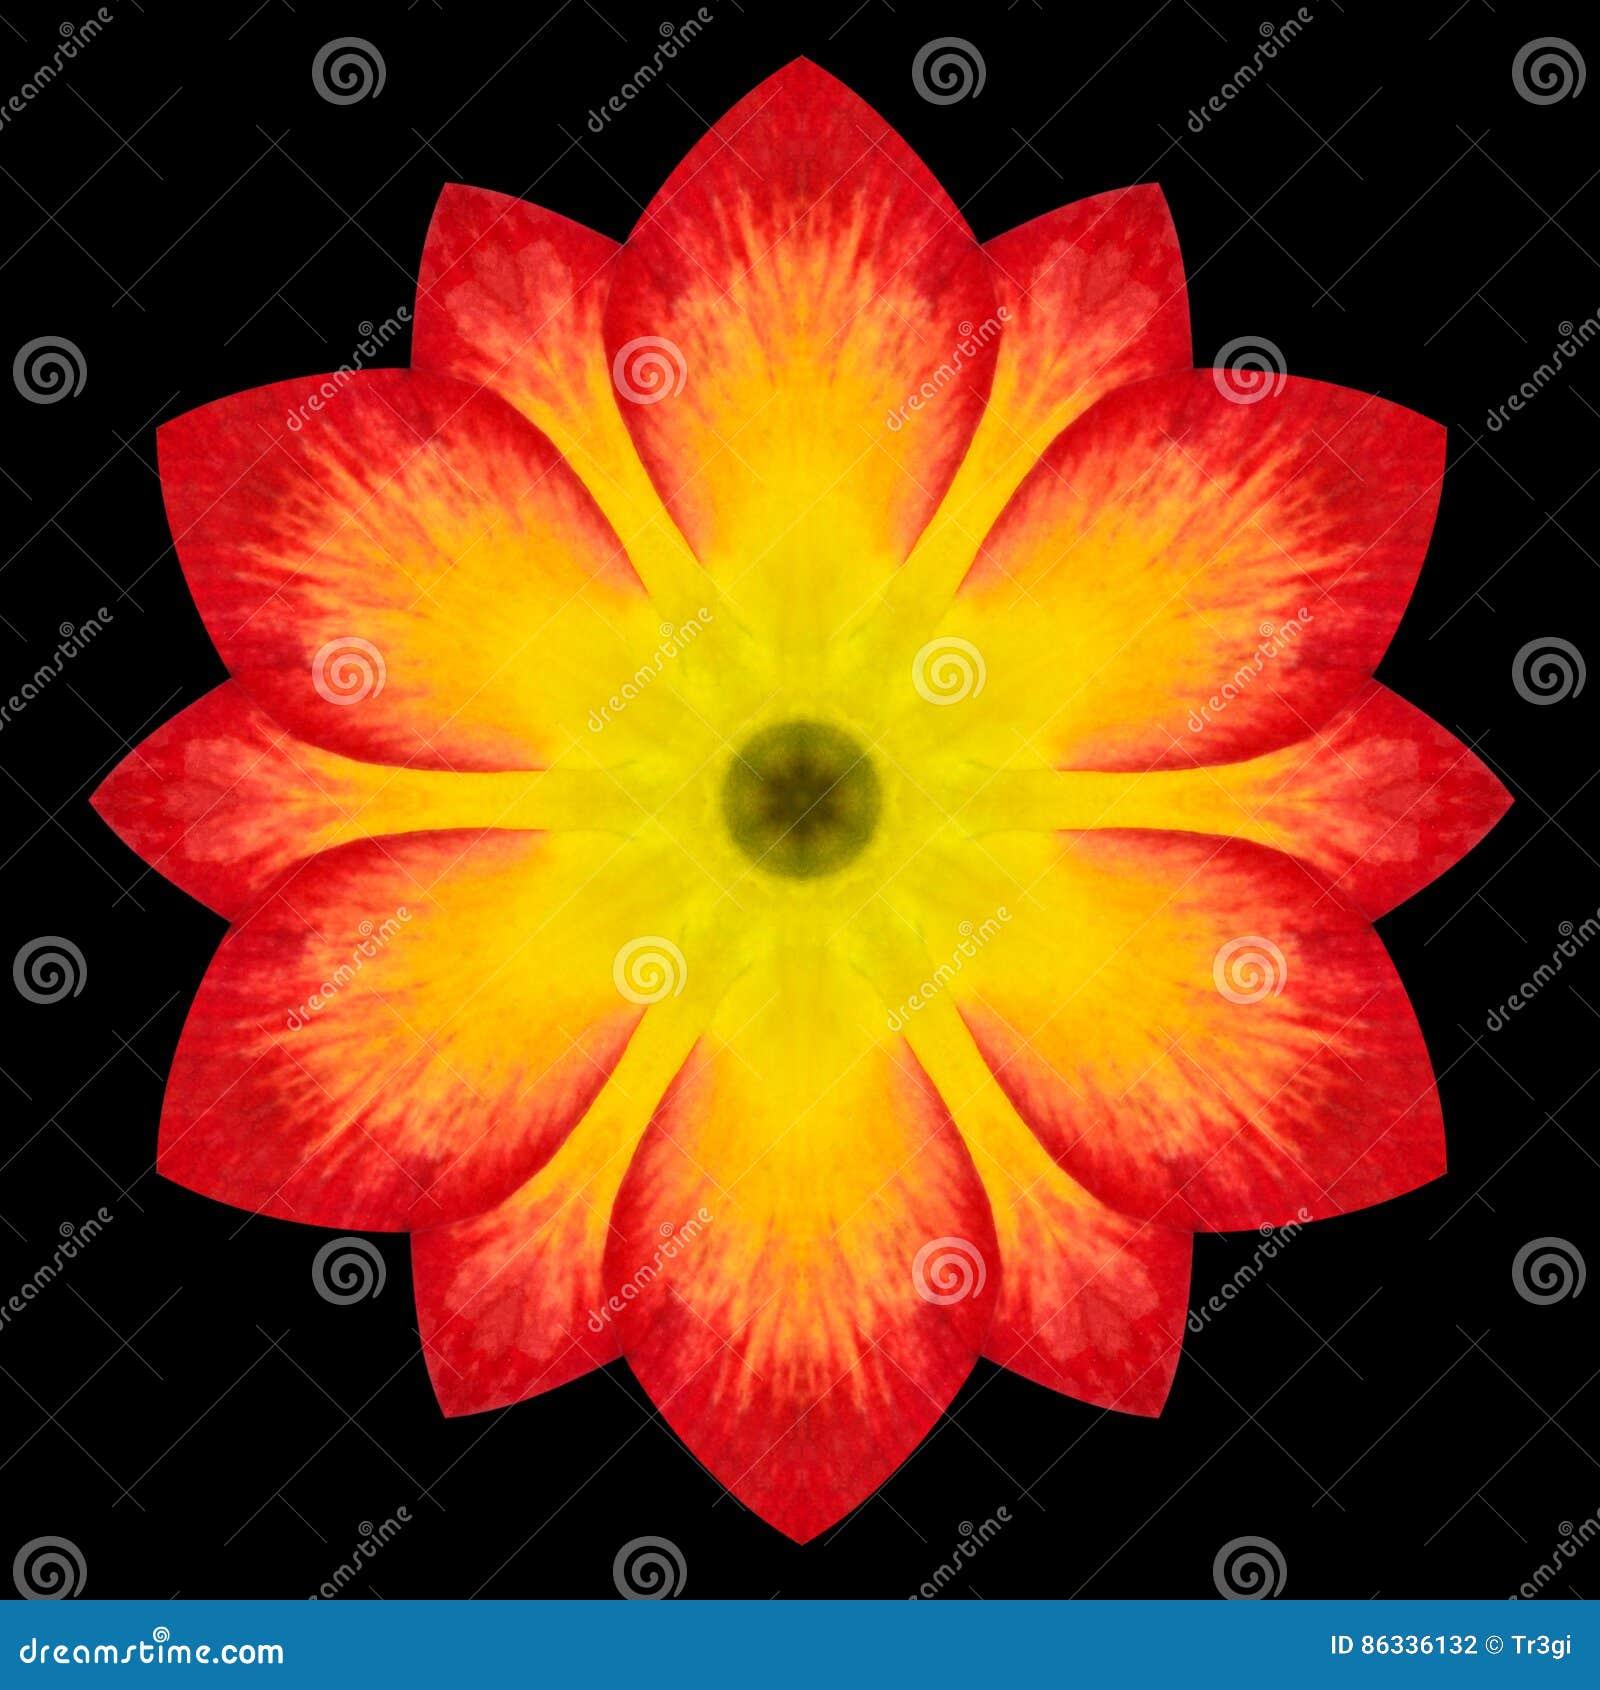 Flor vermelha Mandala Kaleidoscope Isolated no preto